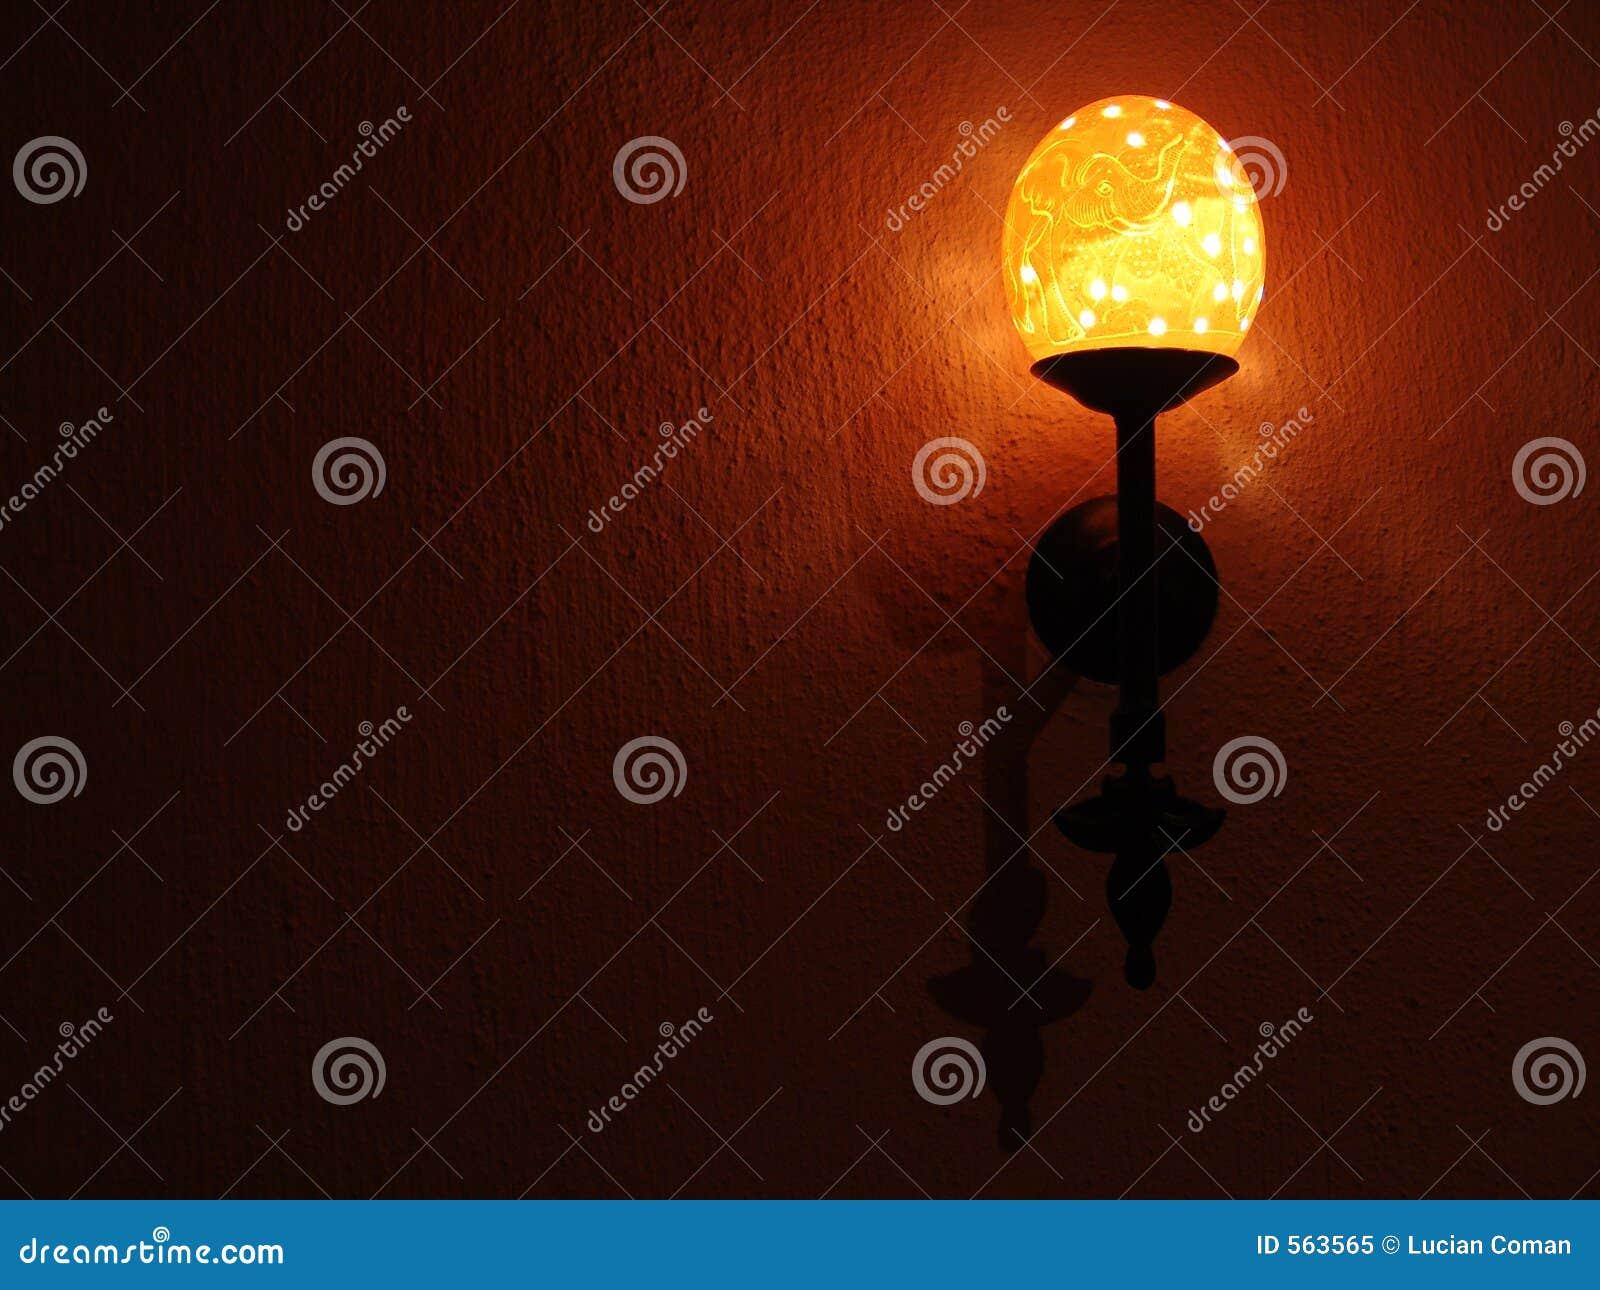 Oeuf D Autruche De Lampe Image Stock Image Du Eclairage 563565